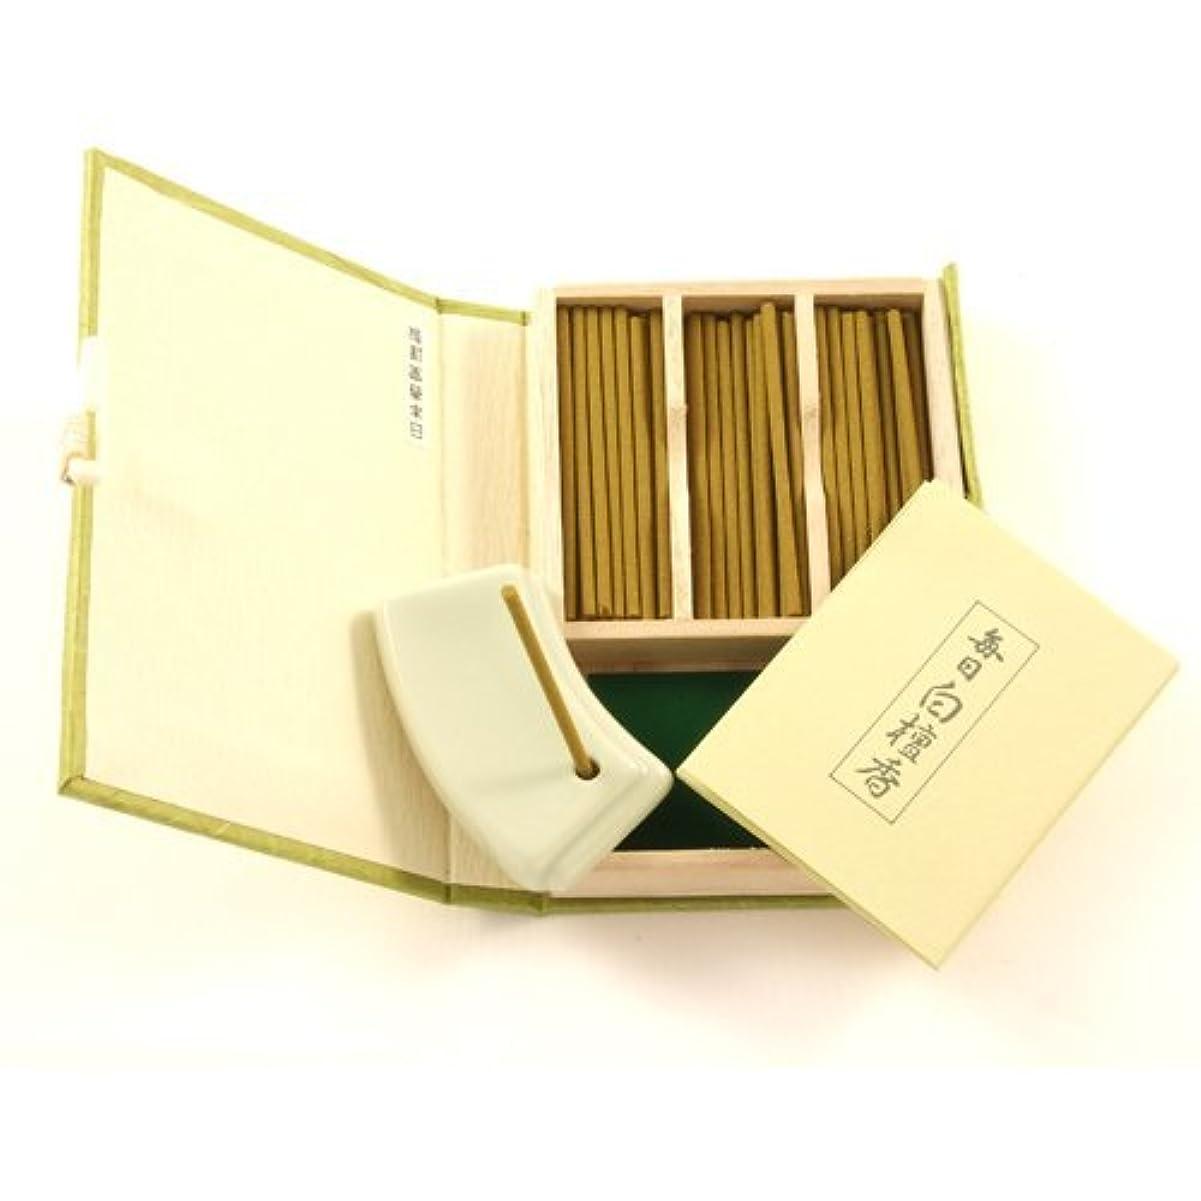 ボーナス信頼性有害Japanese Sandalwood Incense Gift Set Mainichi Byakudan by Nippon [並行輸入品]